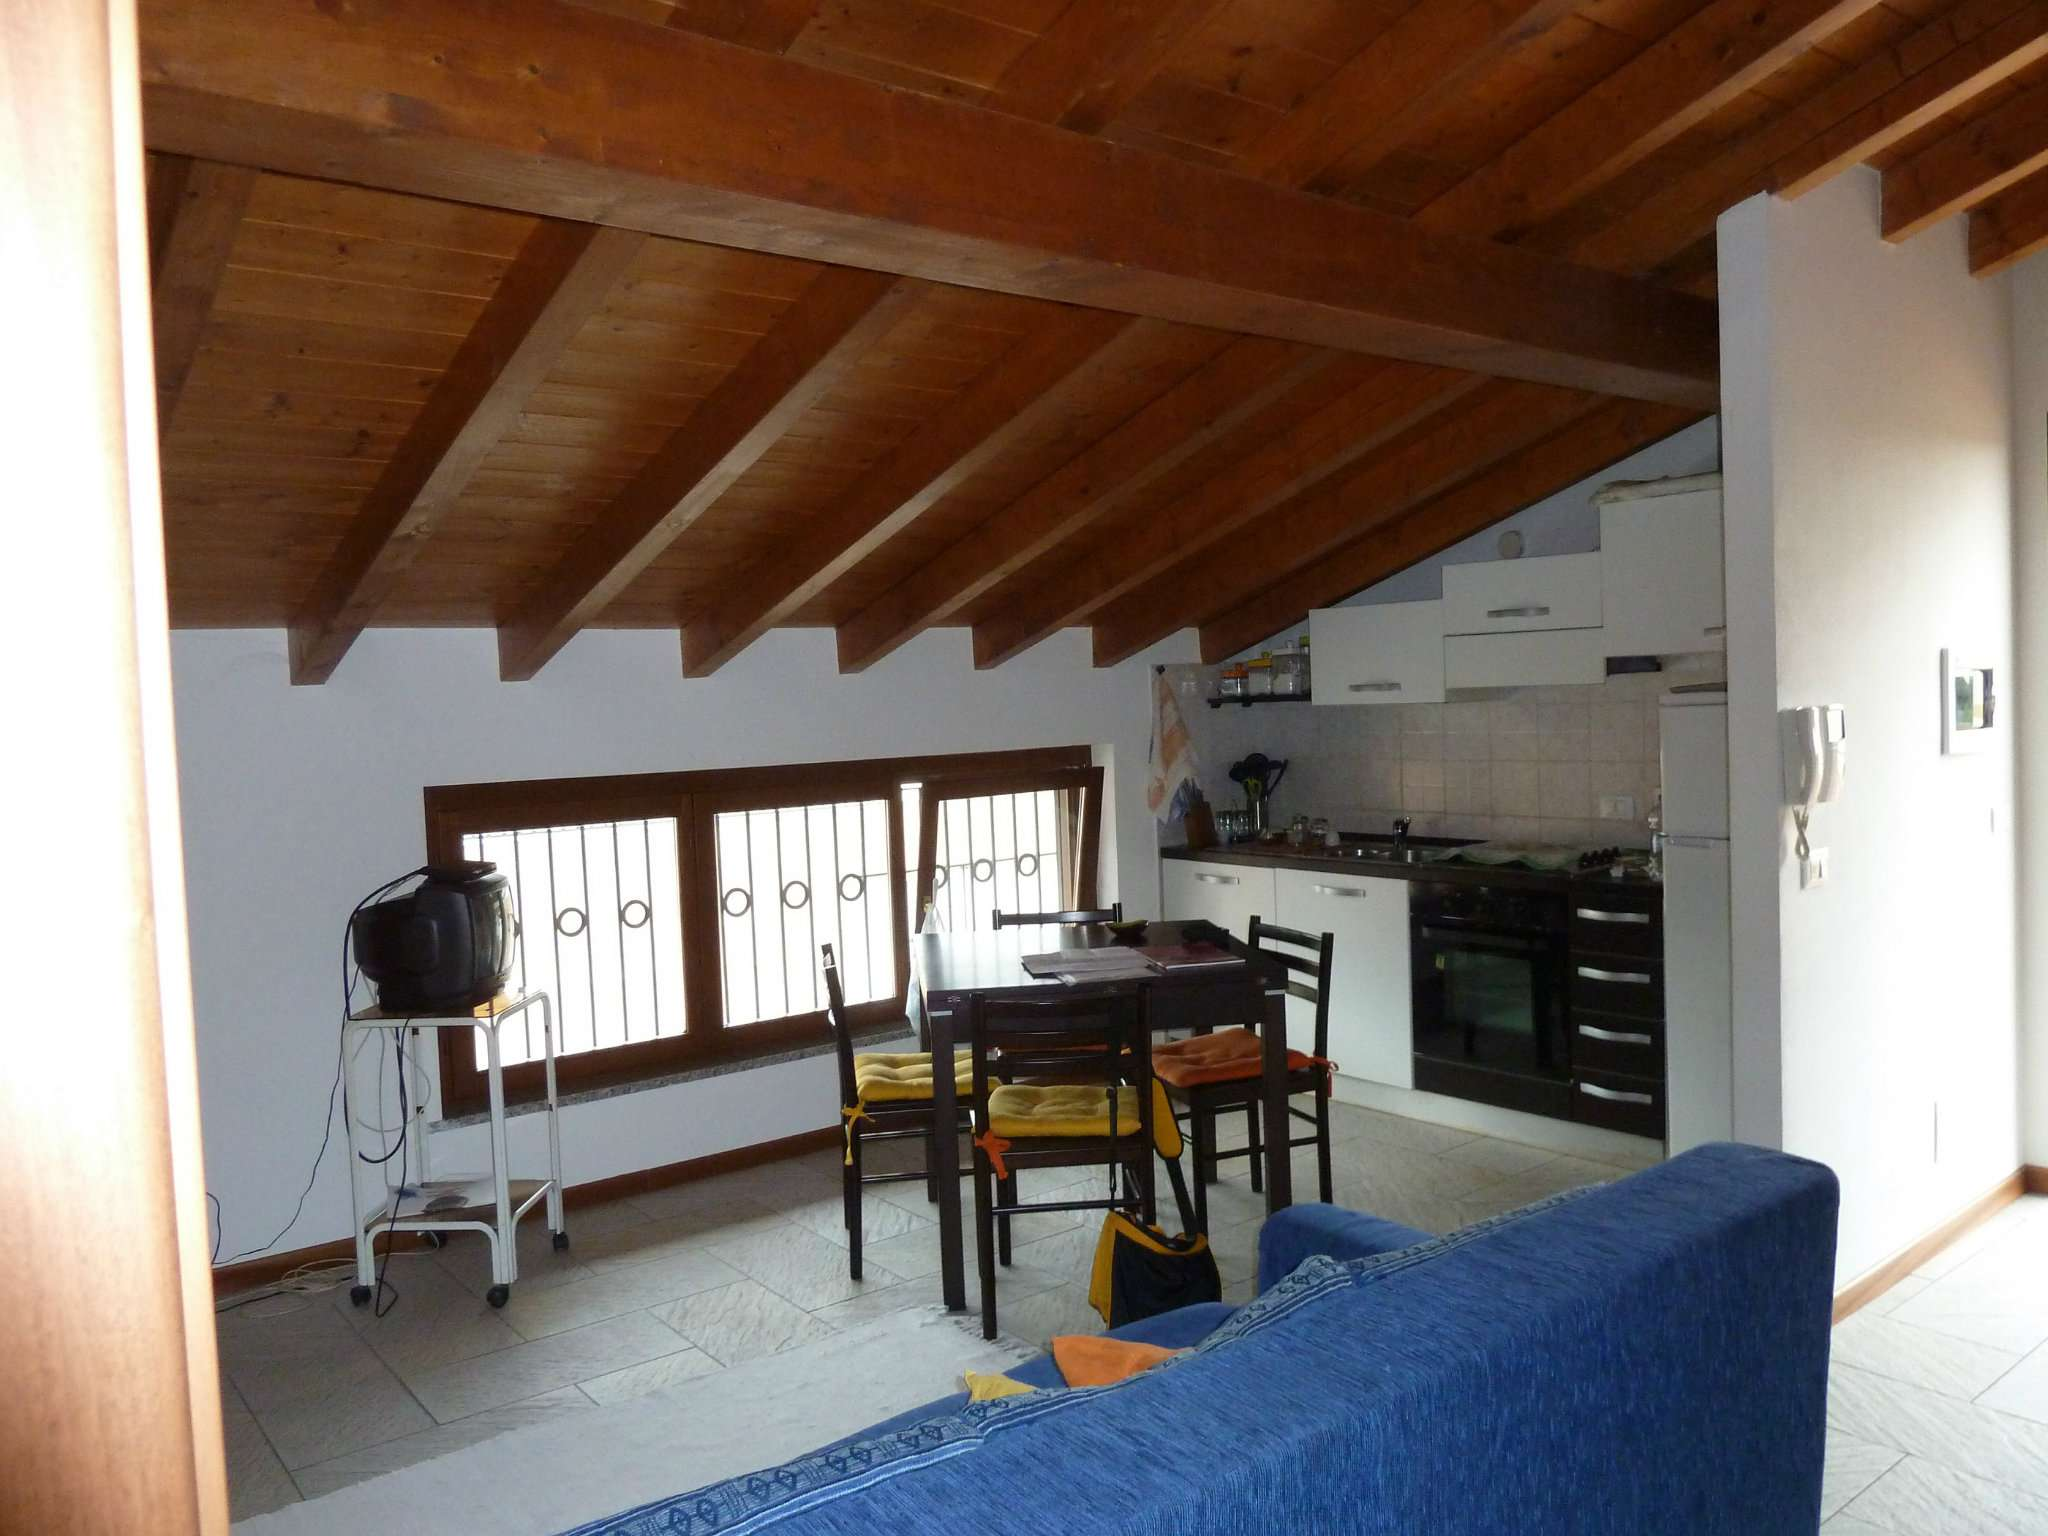 Attico / Mansarda in affitto a Malnate, 2 locali, prezzo € 600 | Cambio Casa.it